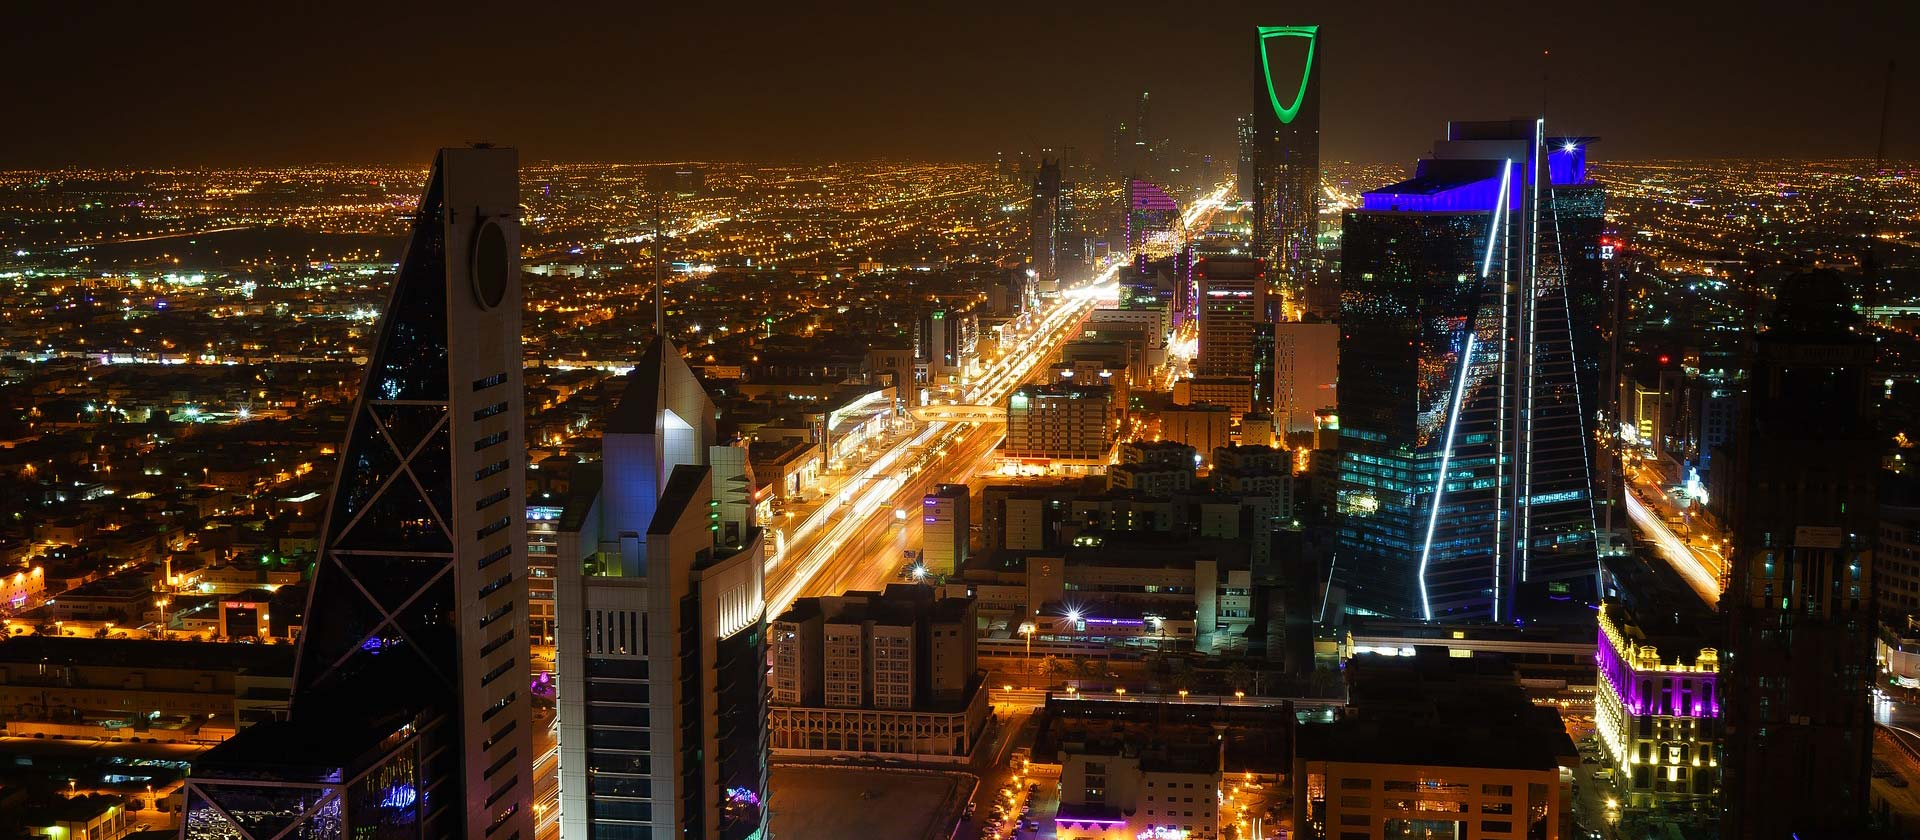 Être une femme architecte en Arabie Saoudite